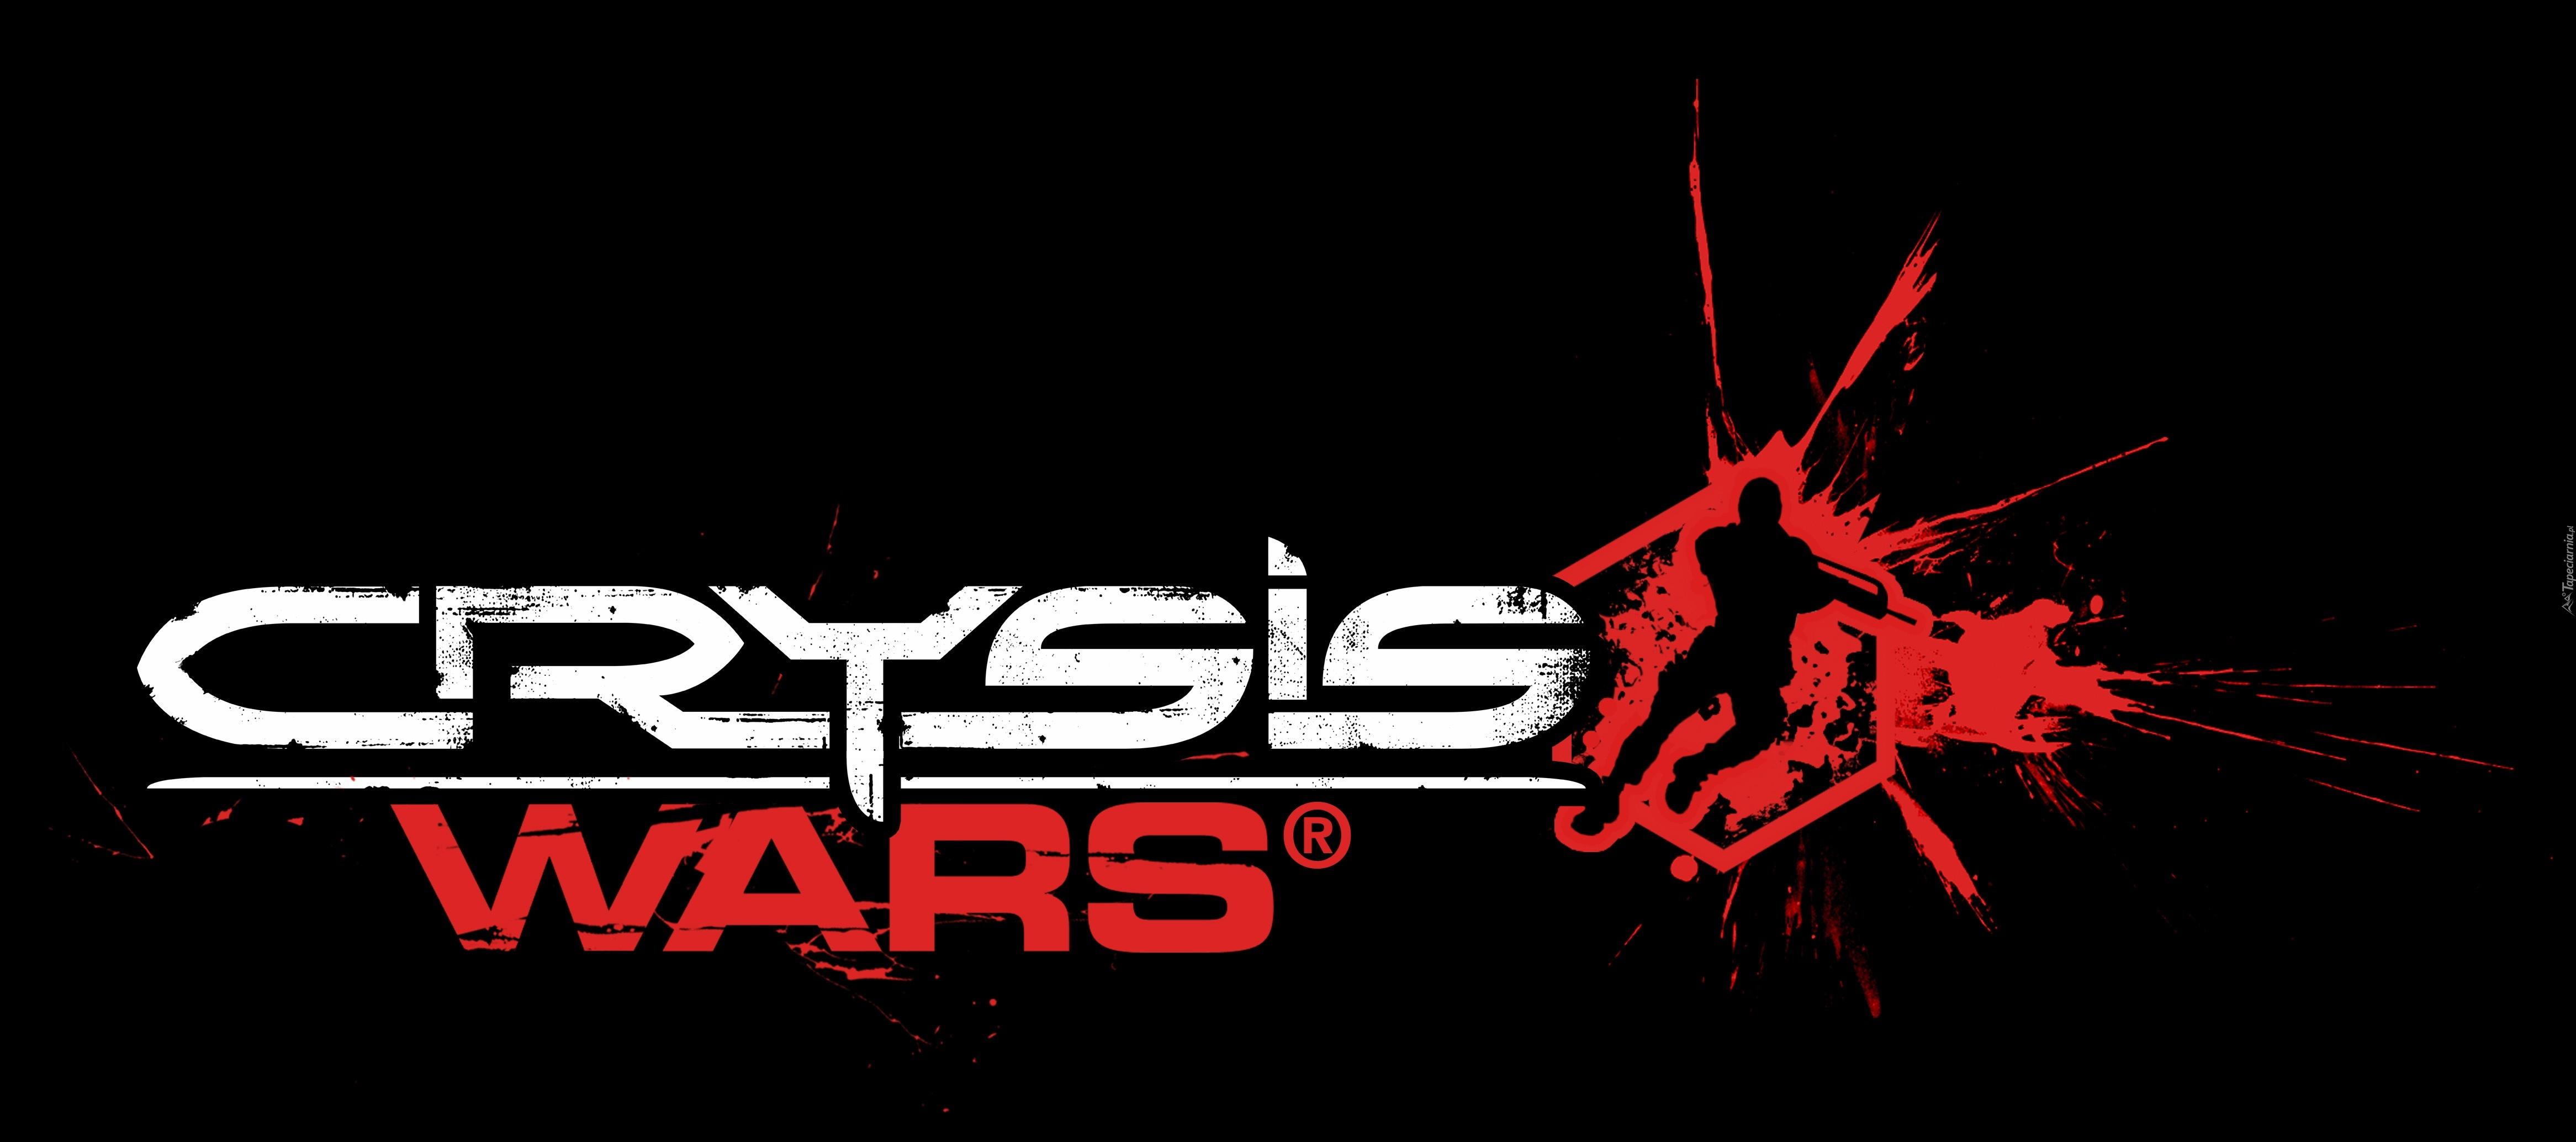 Играй сейчас в Crysis Wars бесплатно!